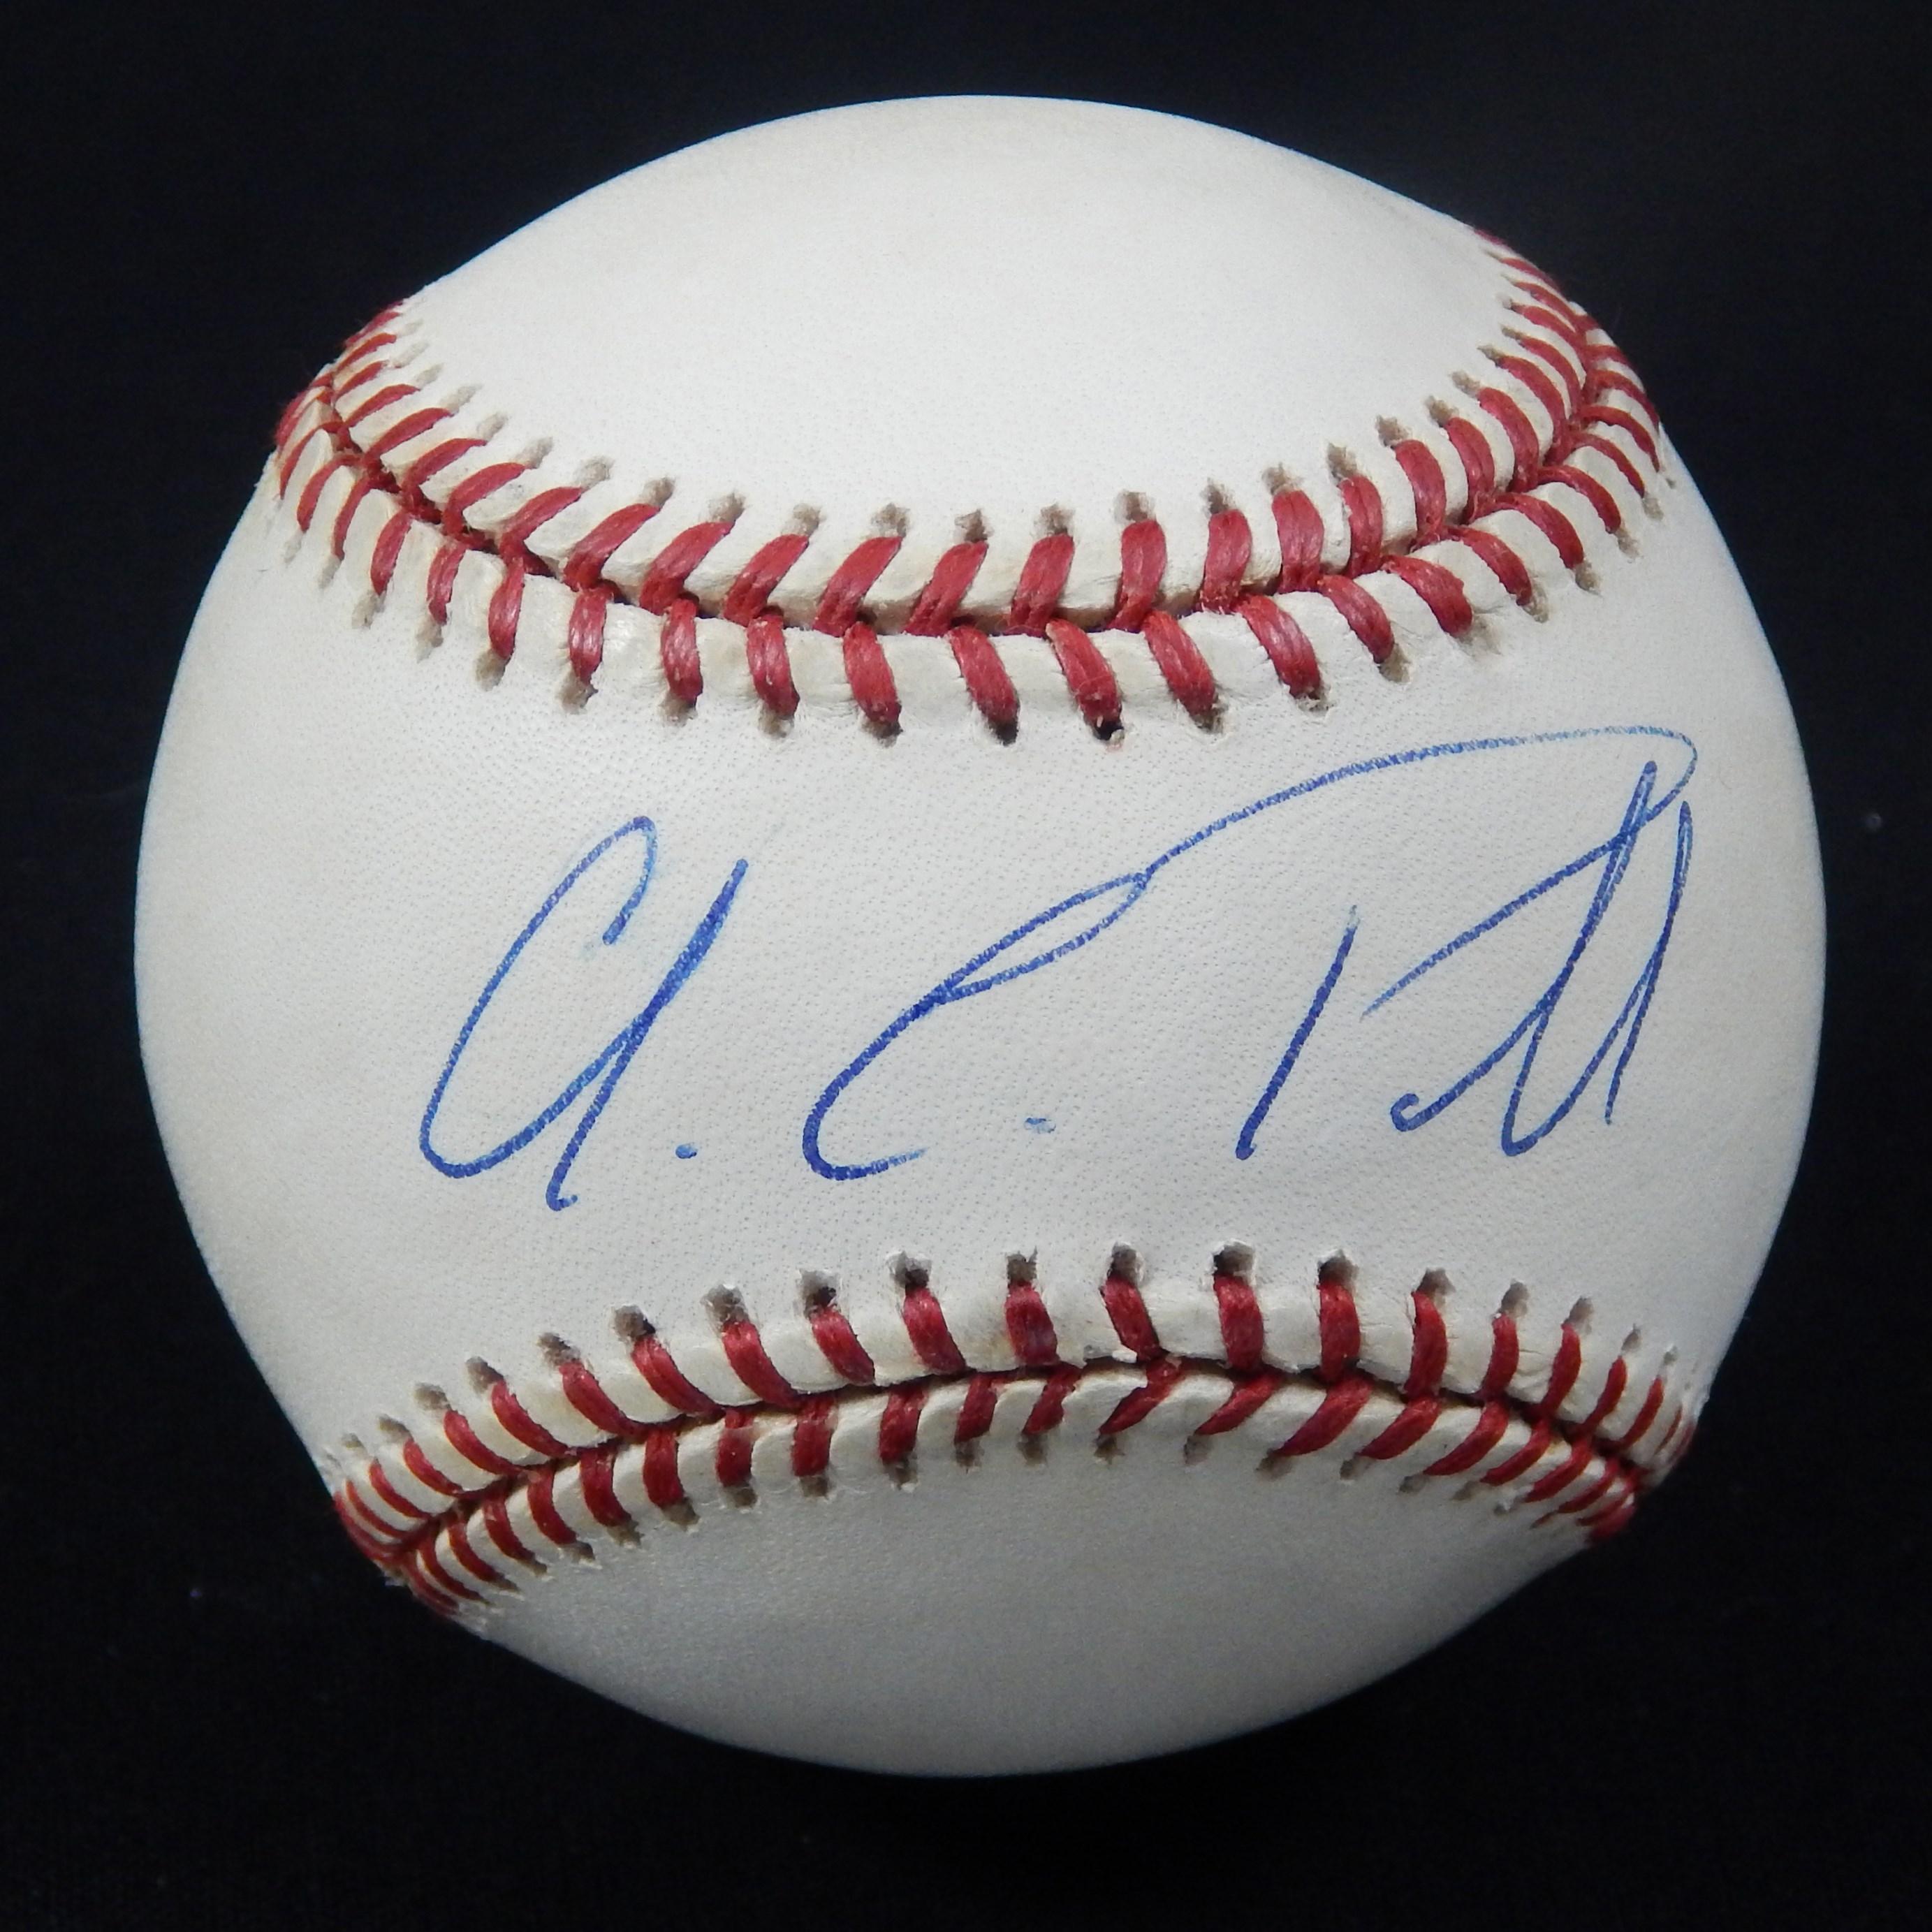 Single Signed Baseballs - Monthly 07-18